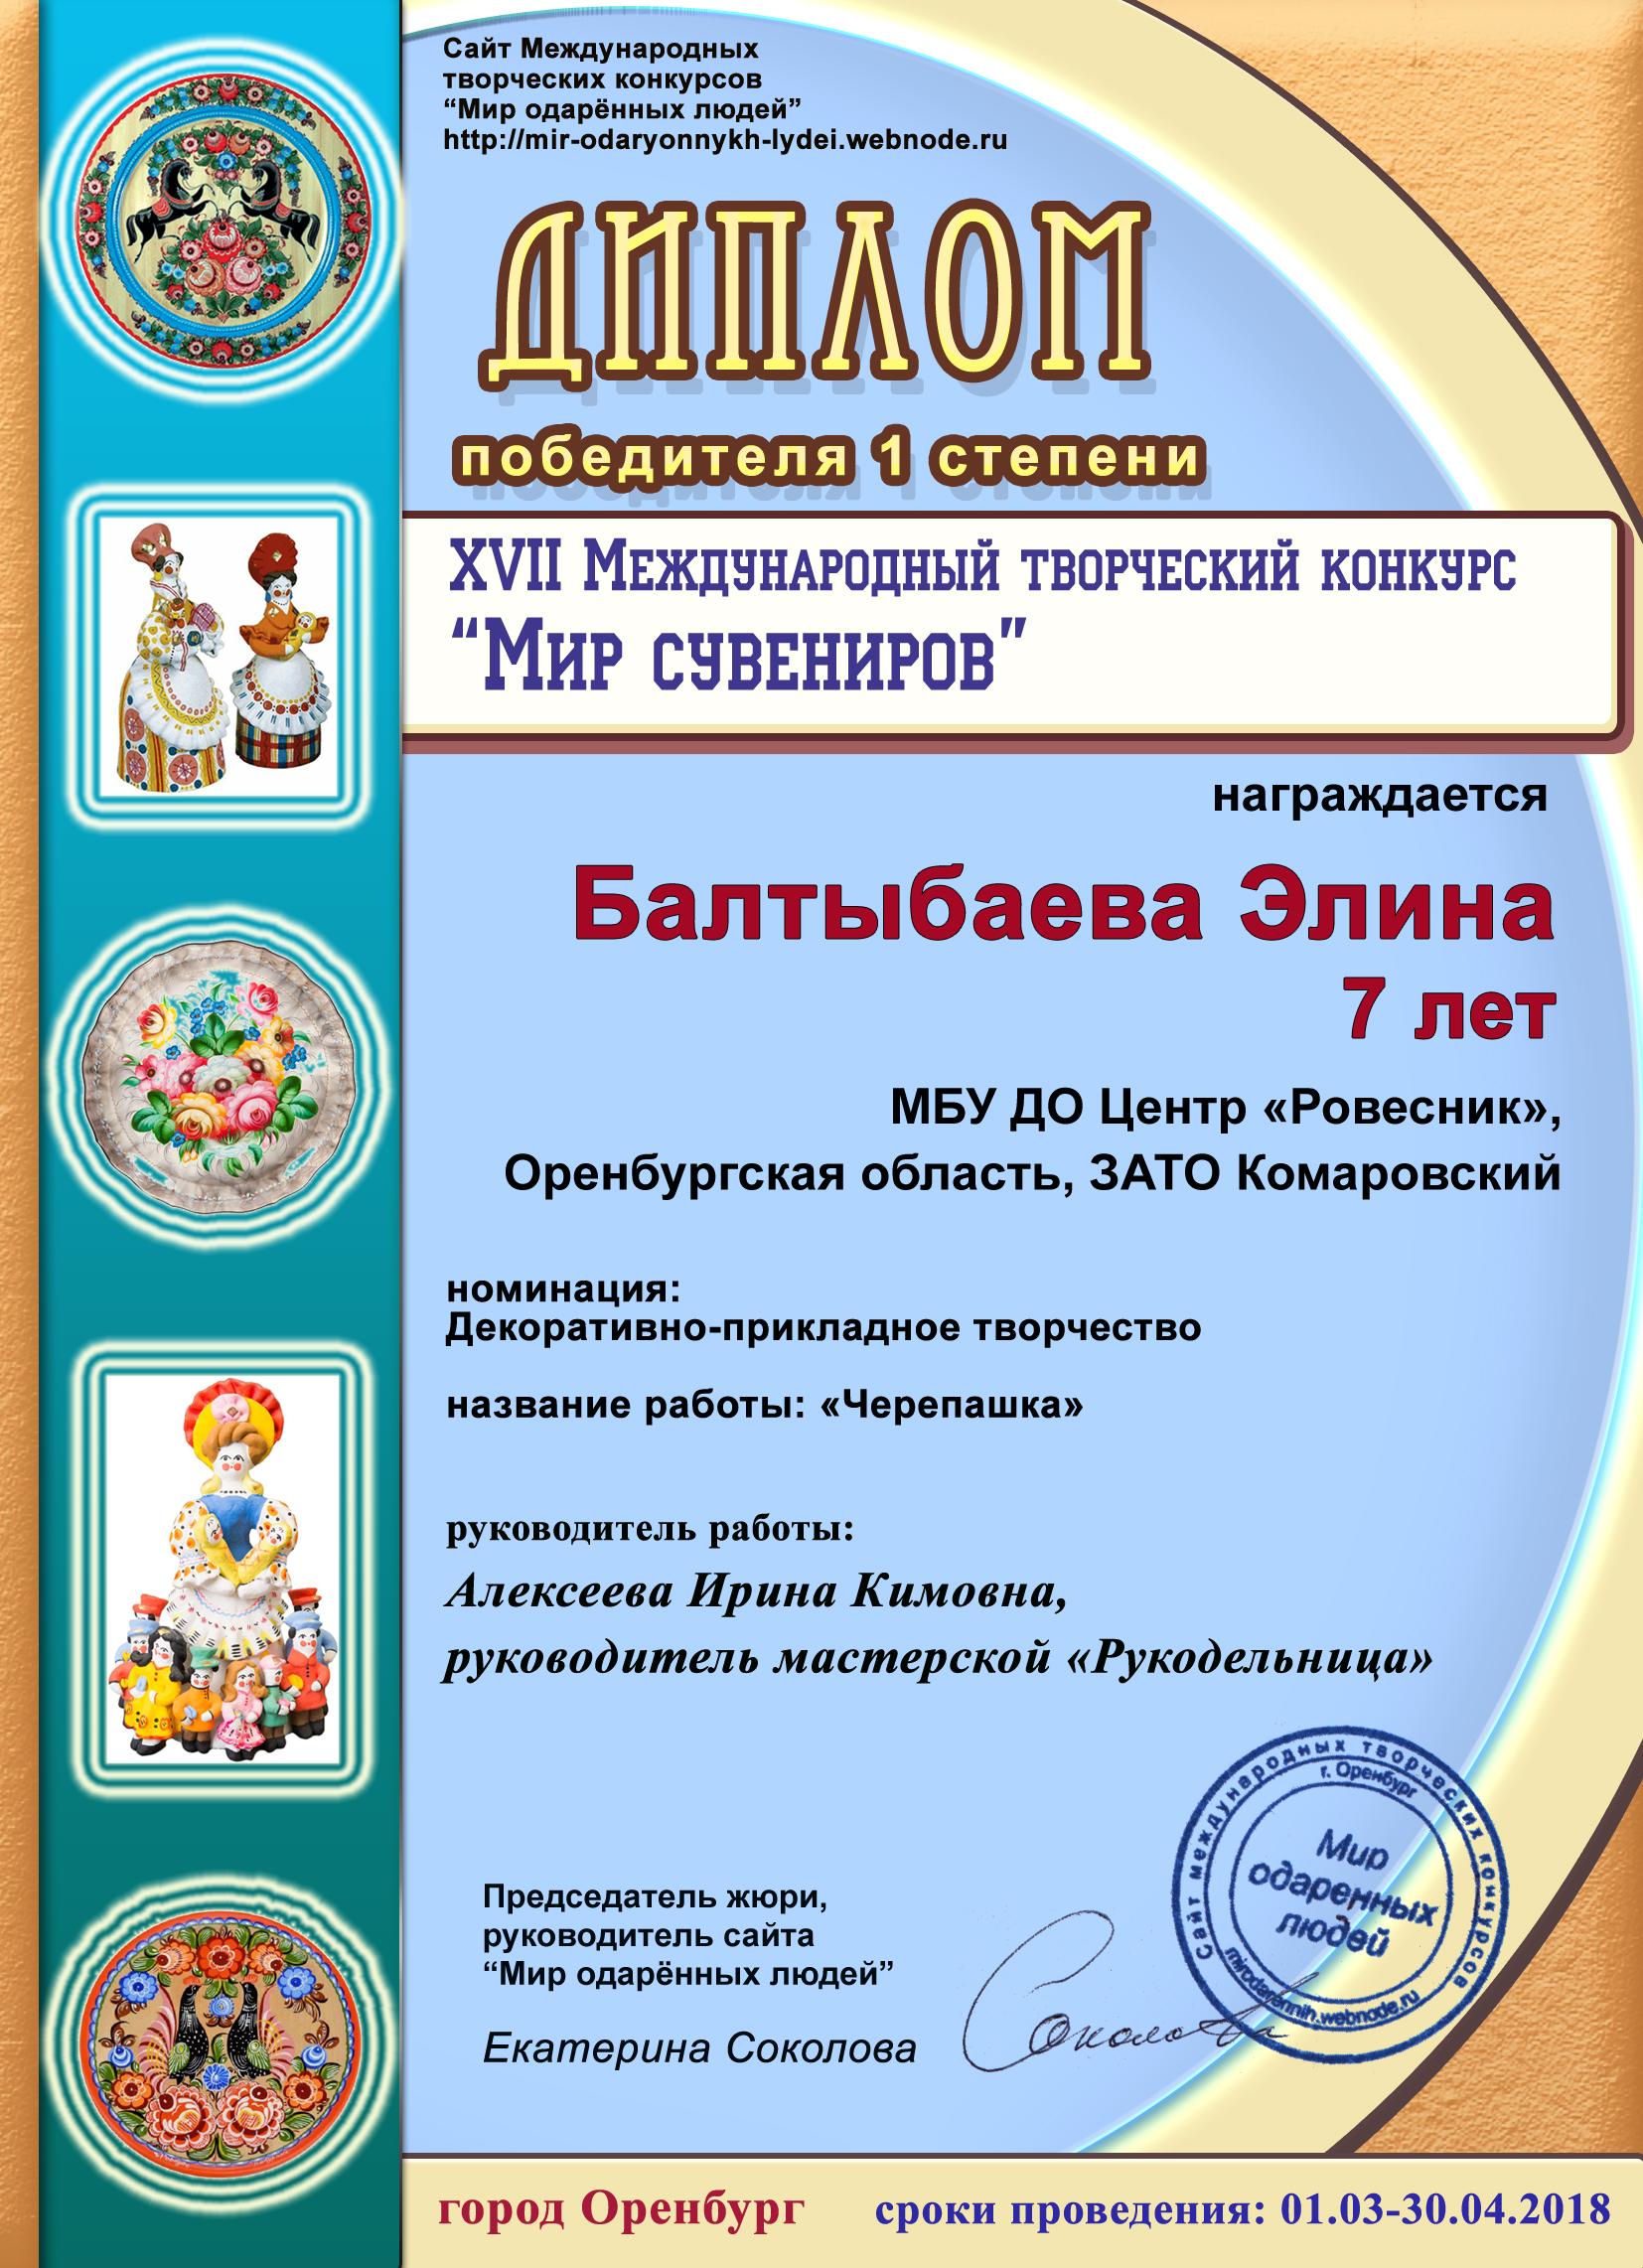 Балтыбаева Элина